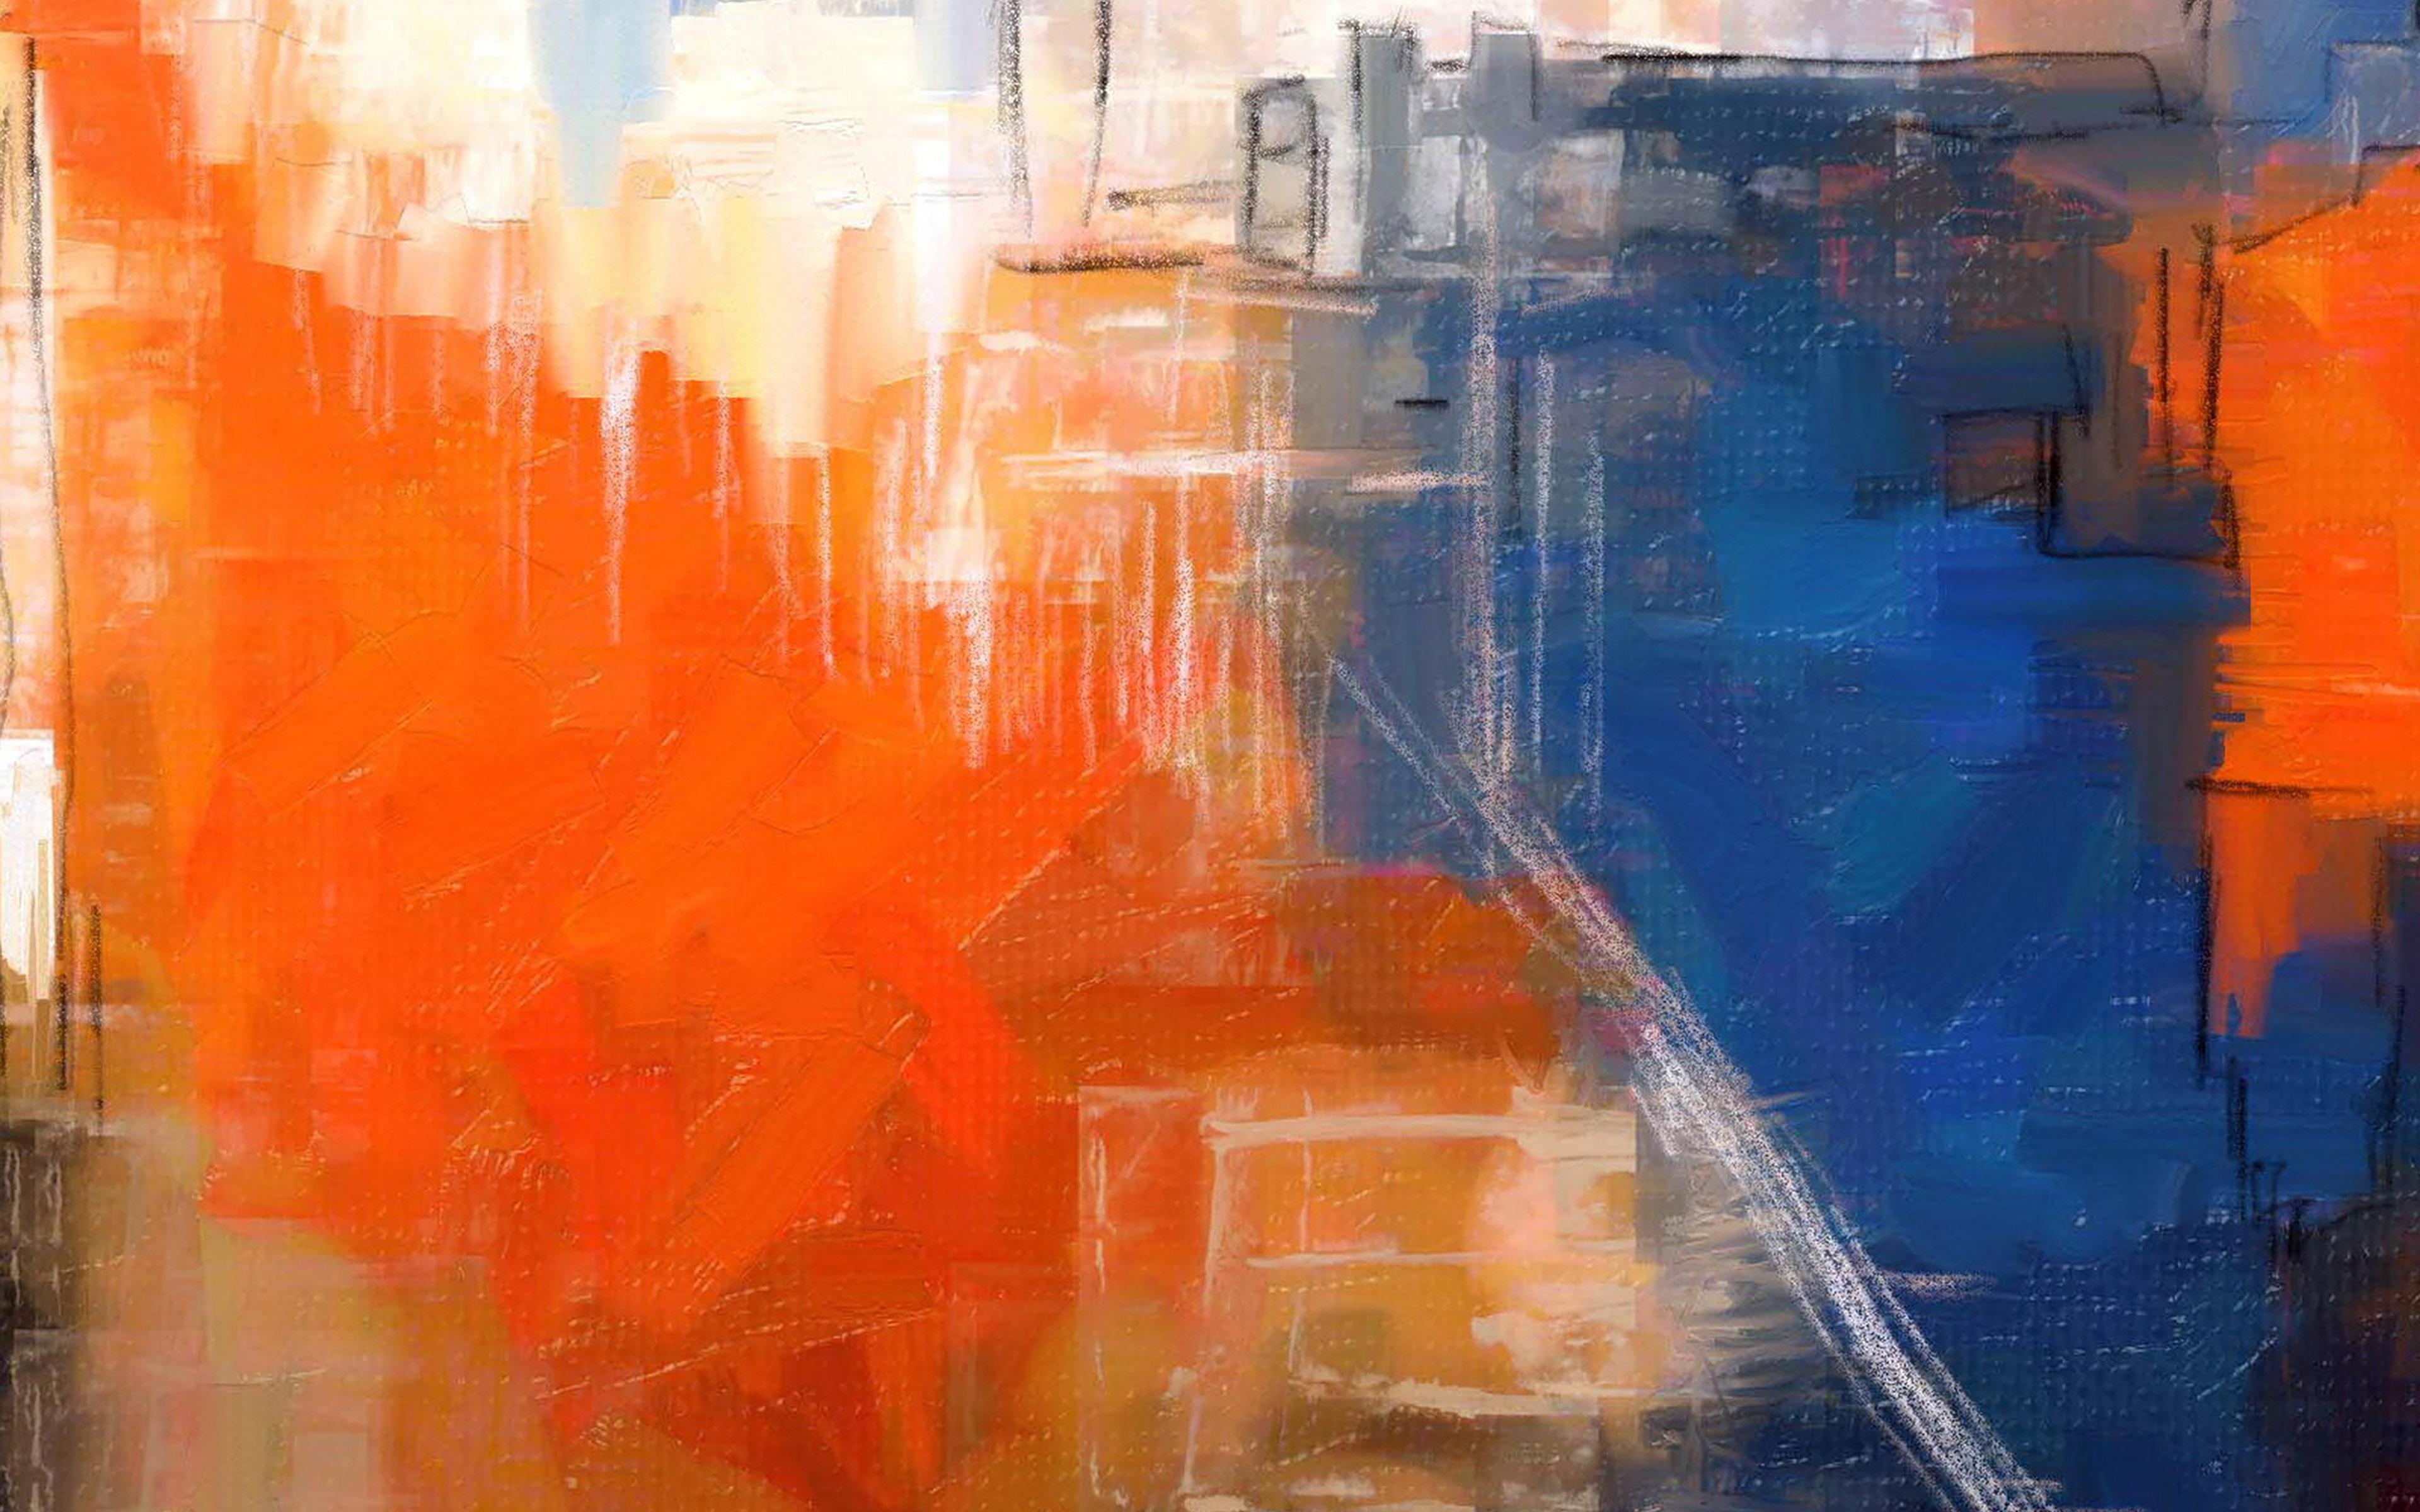 Ipad Retina Wallpaper Art Pain Brush: Ai13-paint-art-illust-diet-abstract